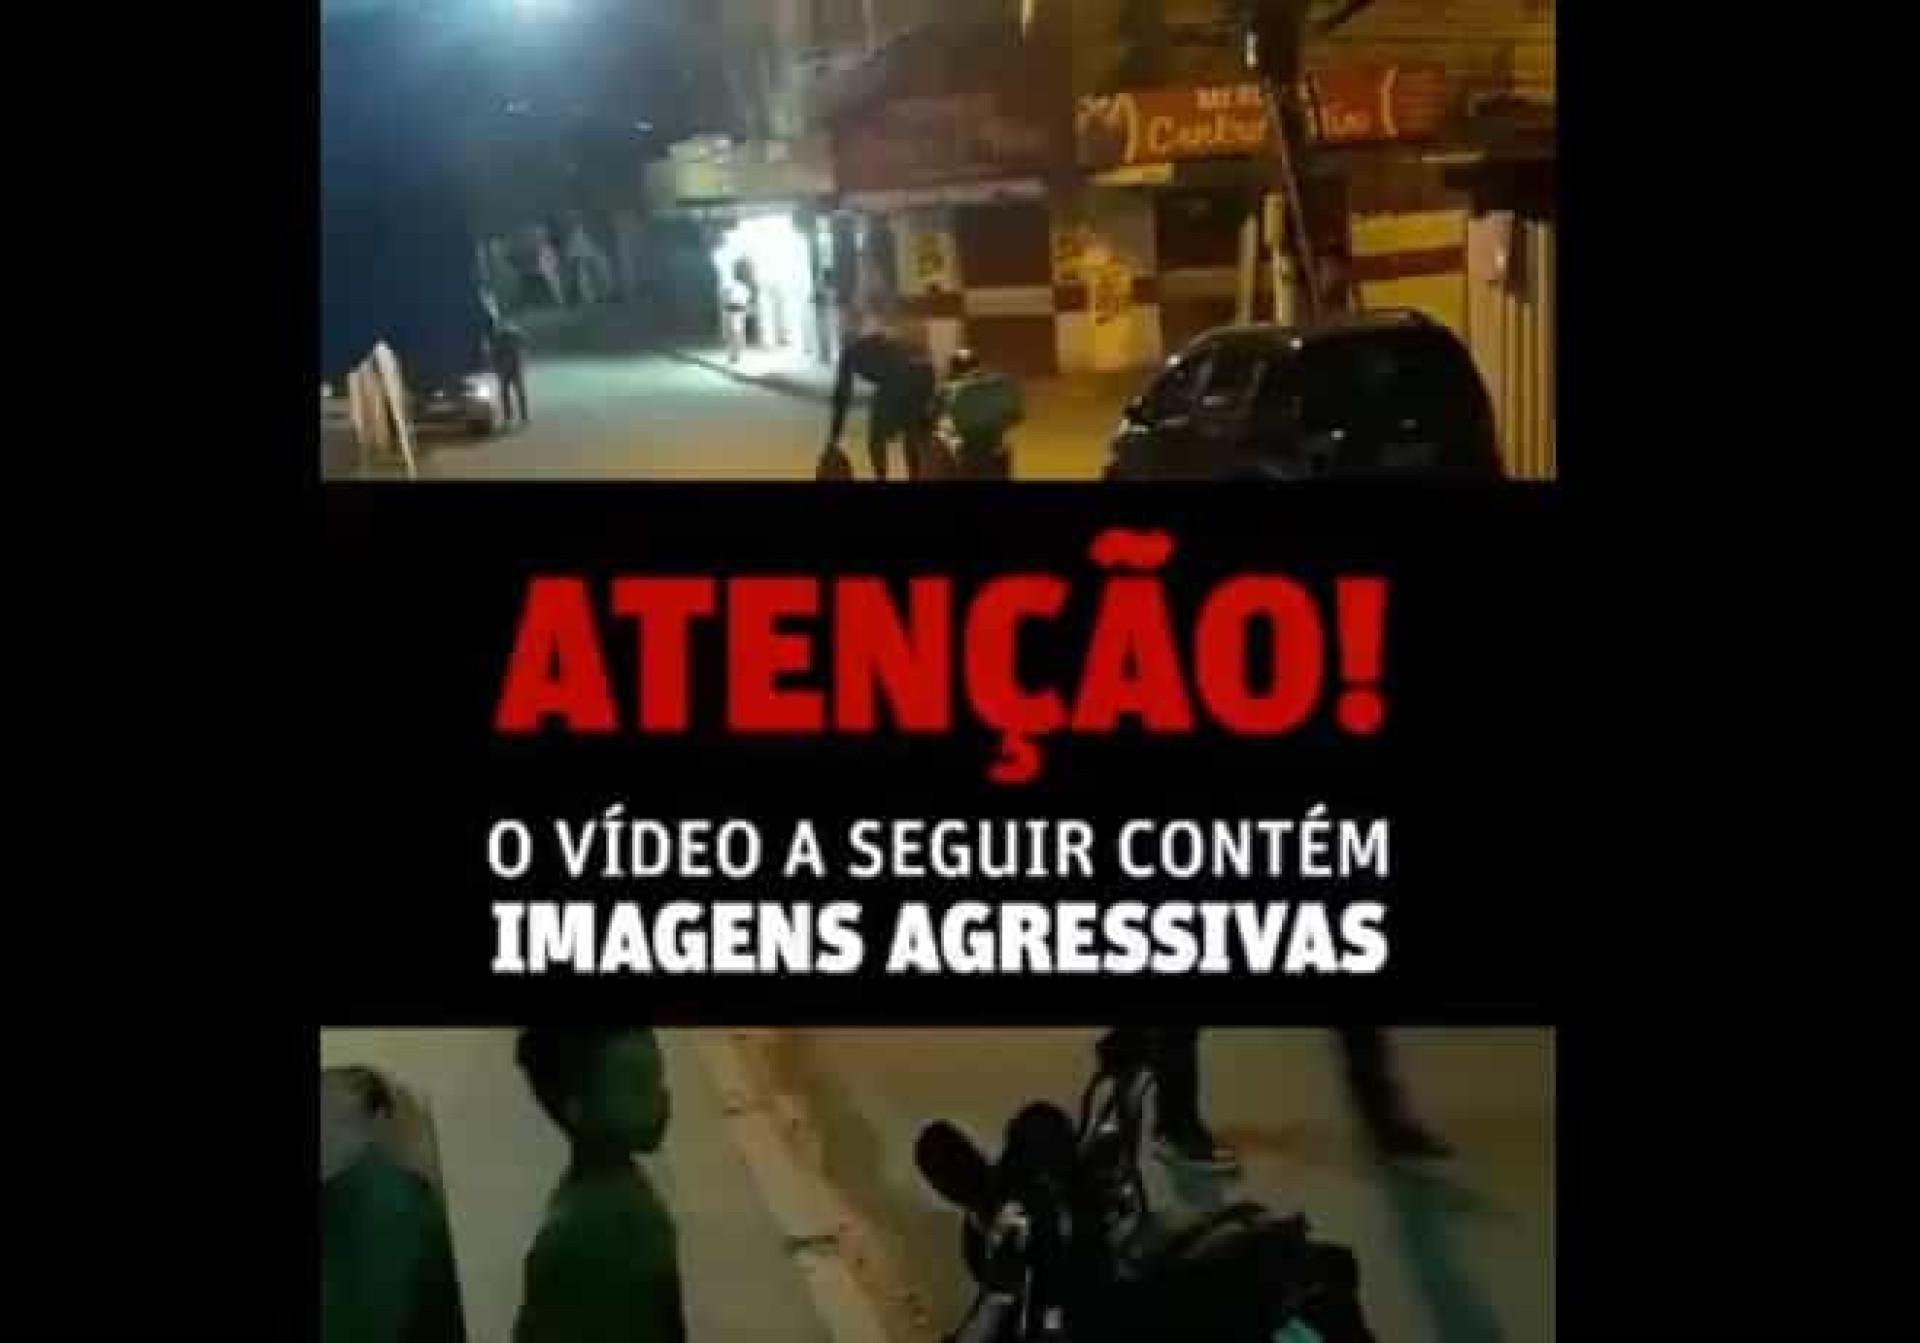 Imagens chocantes: Bomba explode após cair de bolso de adepto do Flamengo